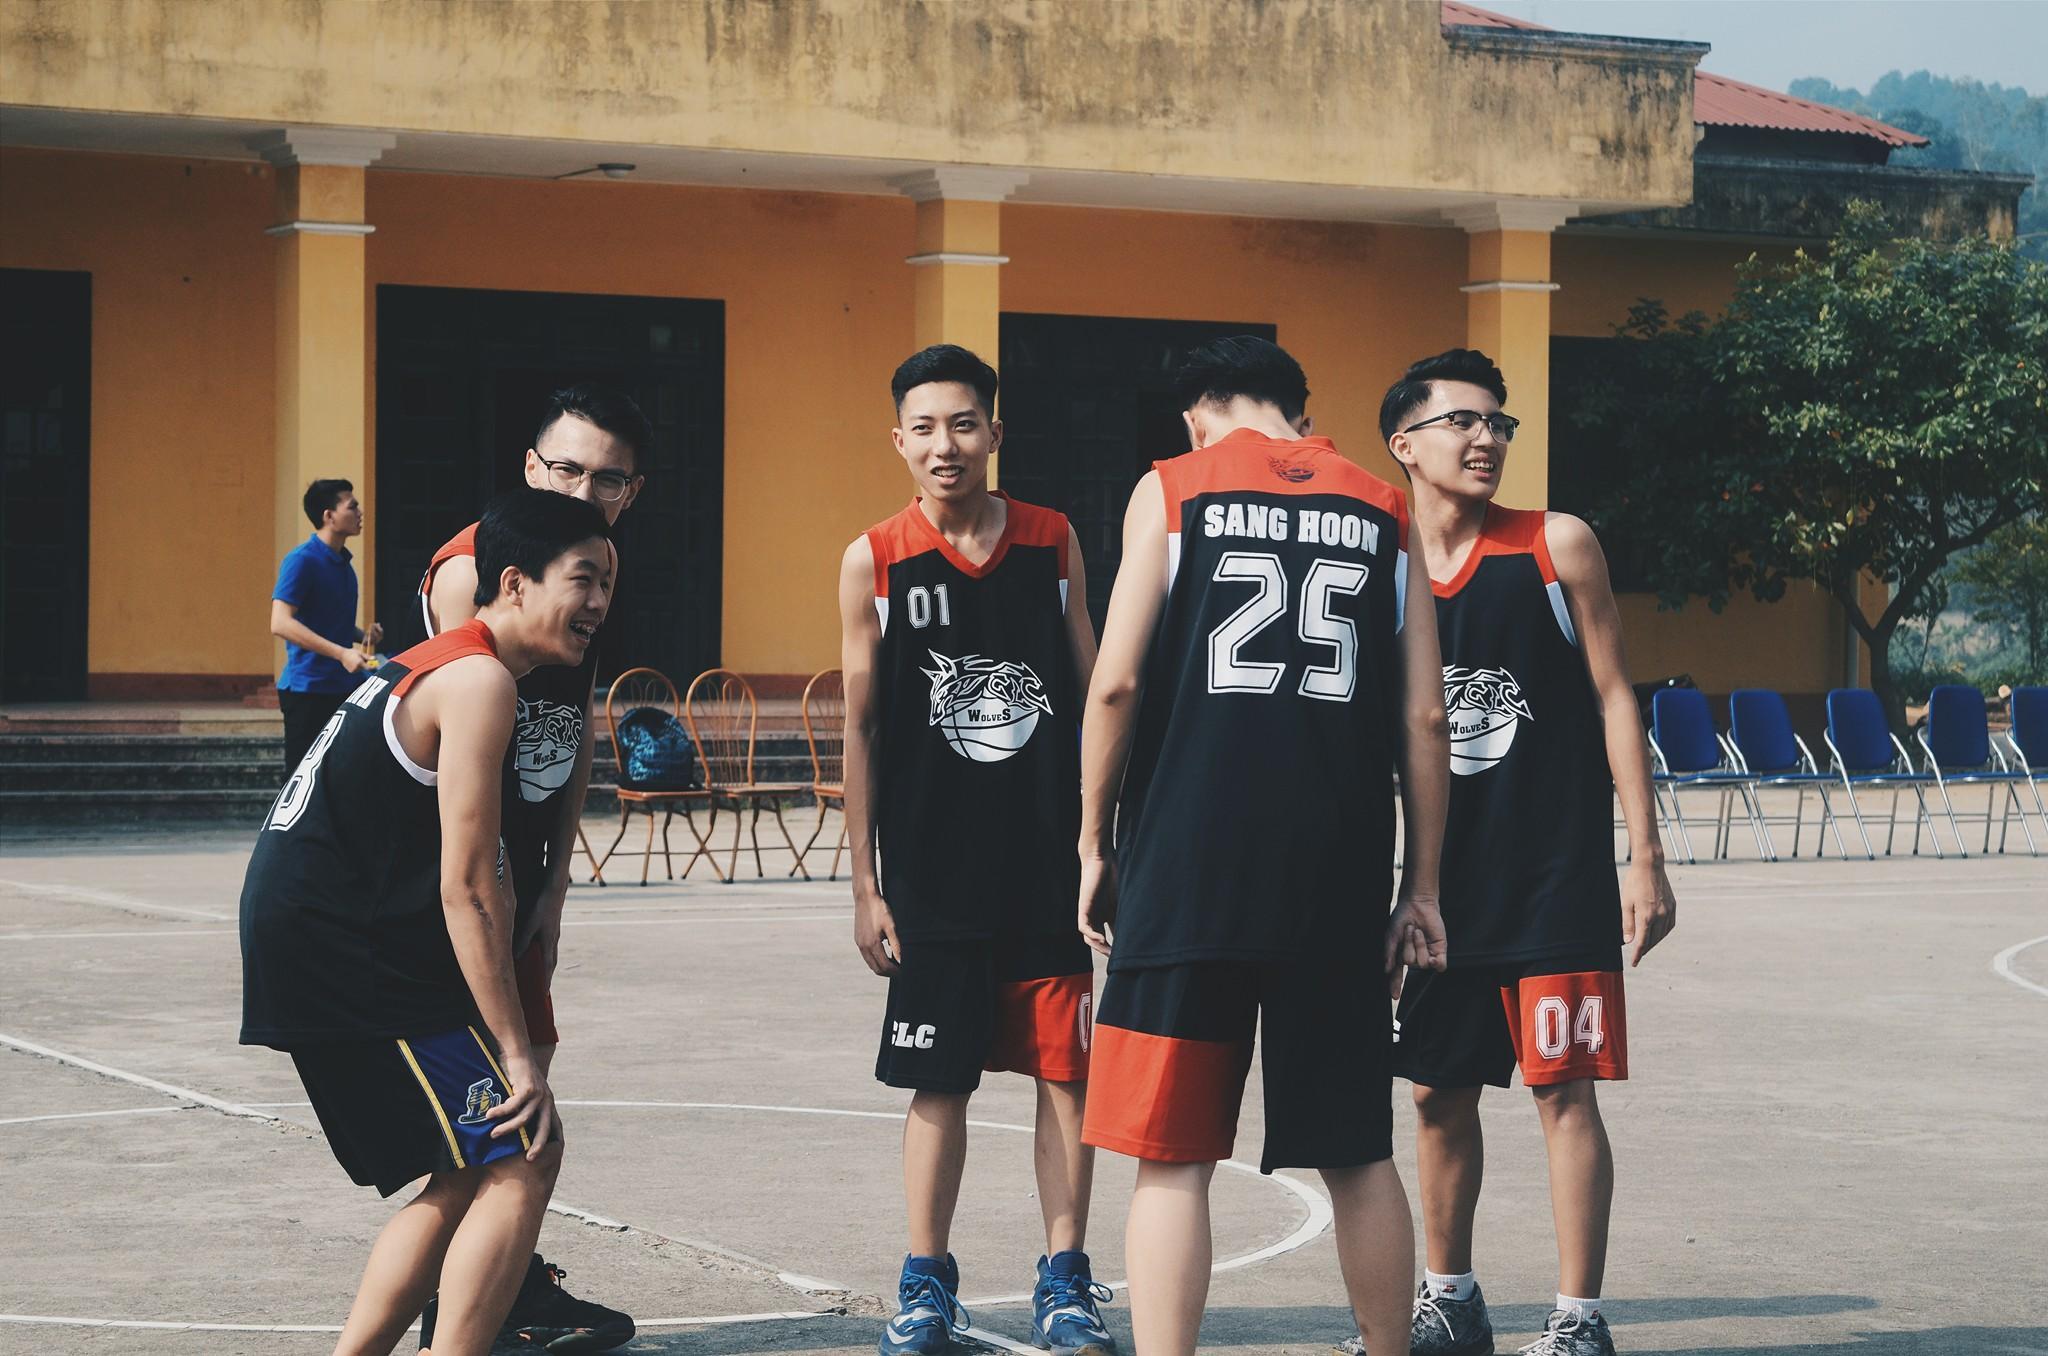 Vườn sao băng đời thực: Nữ sinh Lào Cai lọt thỏm giữa 4 chàng bạn thân đẹp trai, học giỏi, mê bóng rổ-3